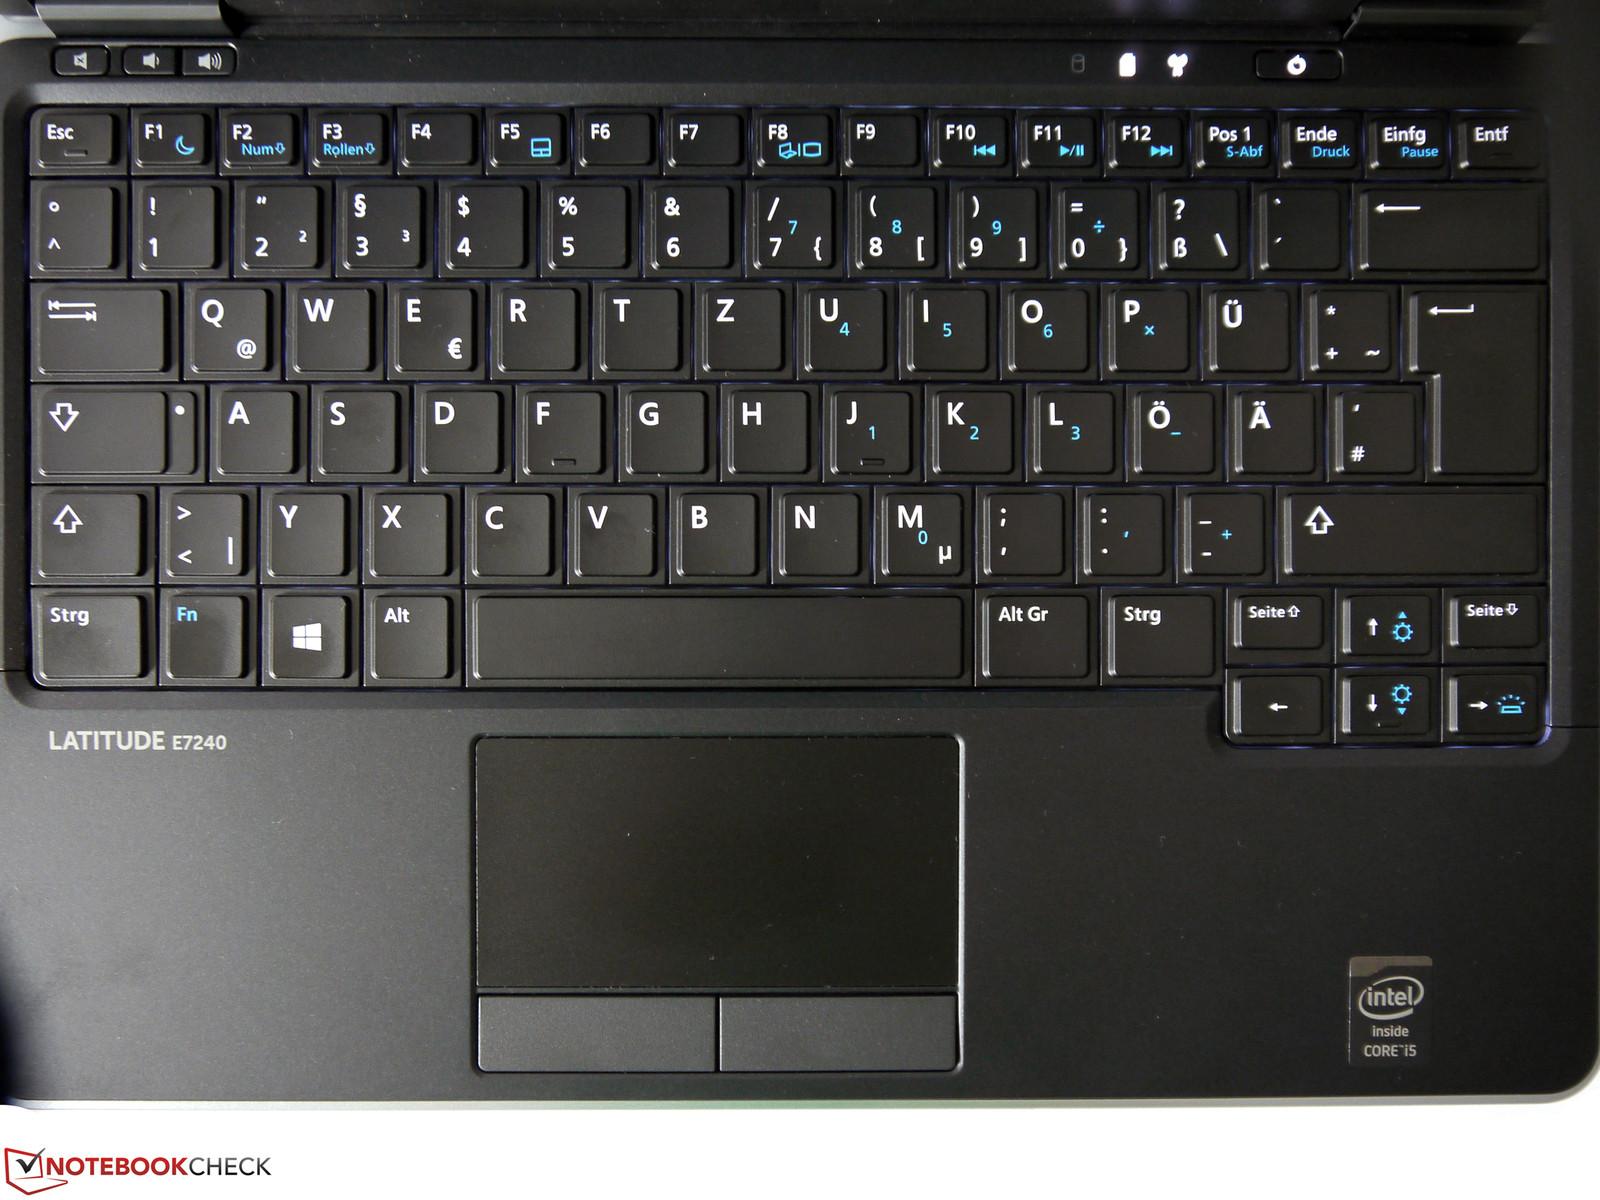 Keyboard technology